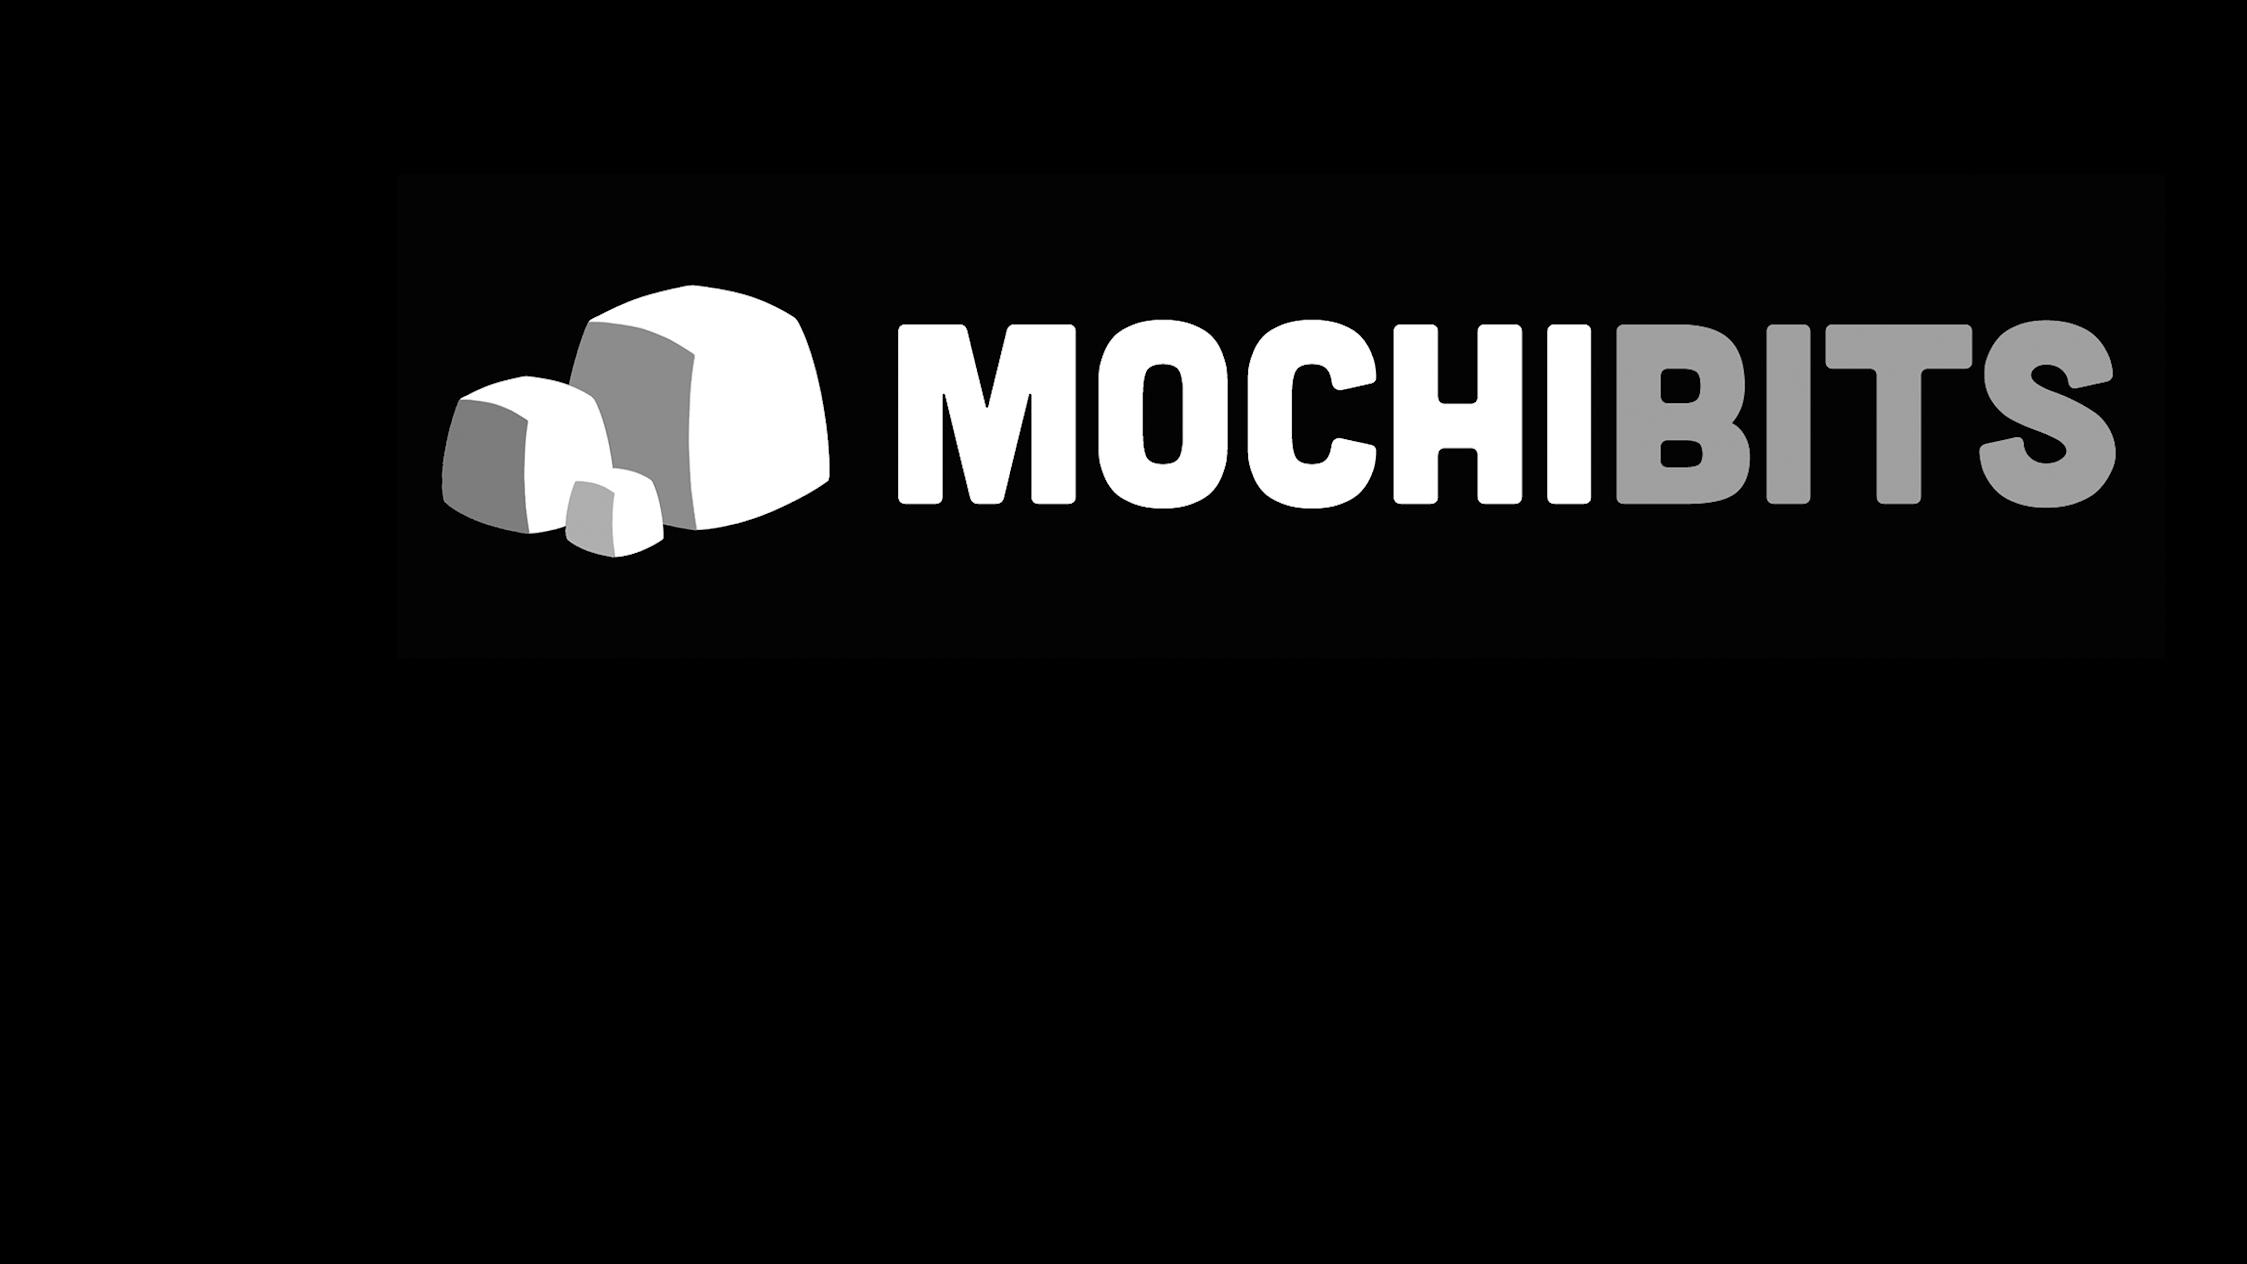 MochiBits